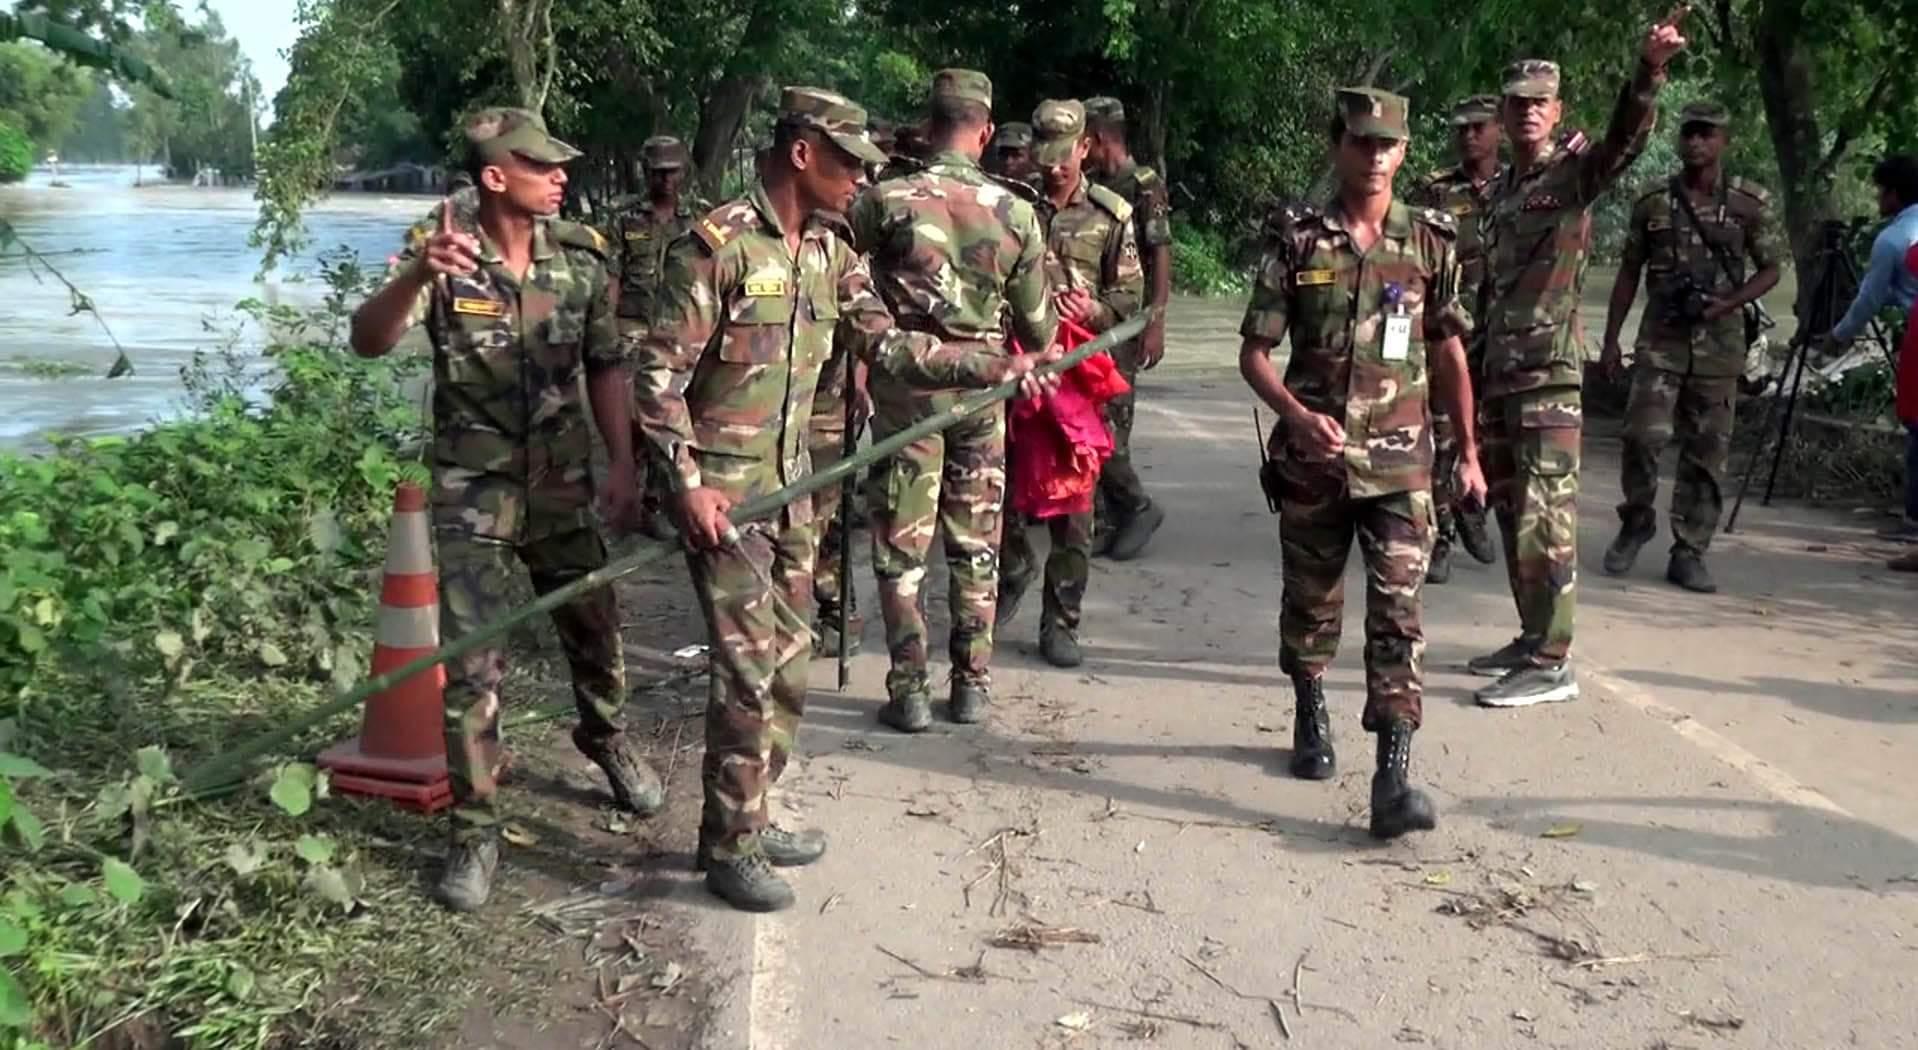 টাঙ্গাইলের বাঁধ মেরামতে কাজ করছে সেনাবাহিনী